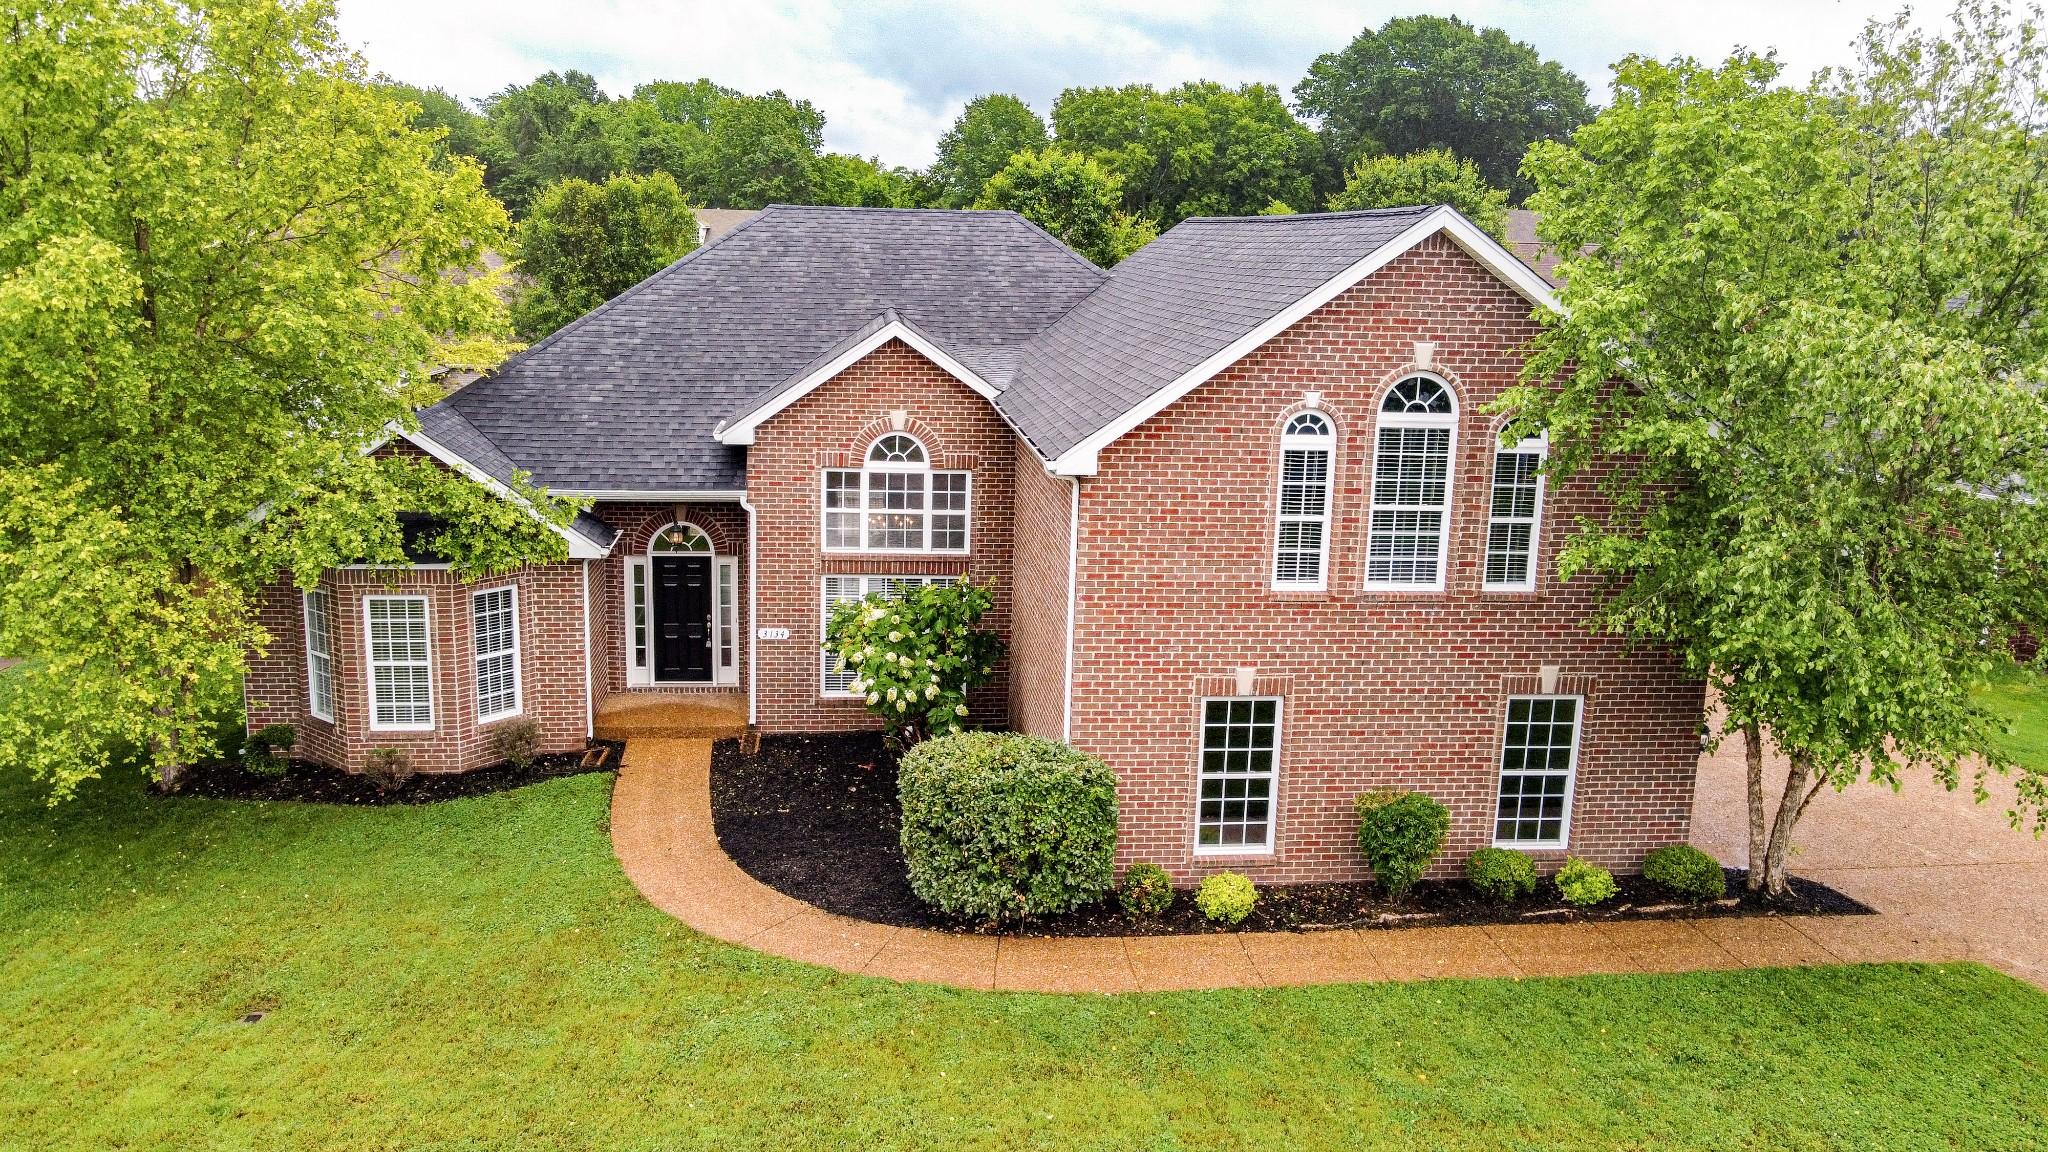 3134 Friars Bridge Pass, Franklin, TN 37064 - Franklin, TN real estate listing